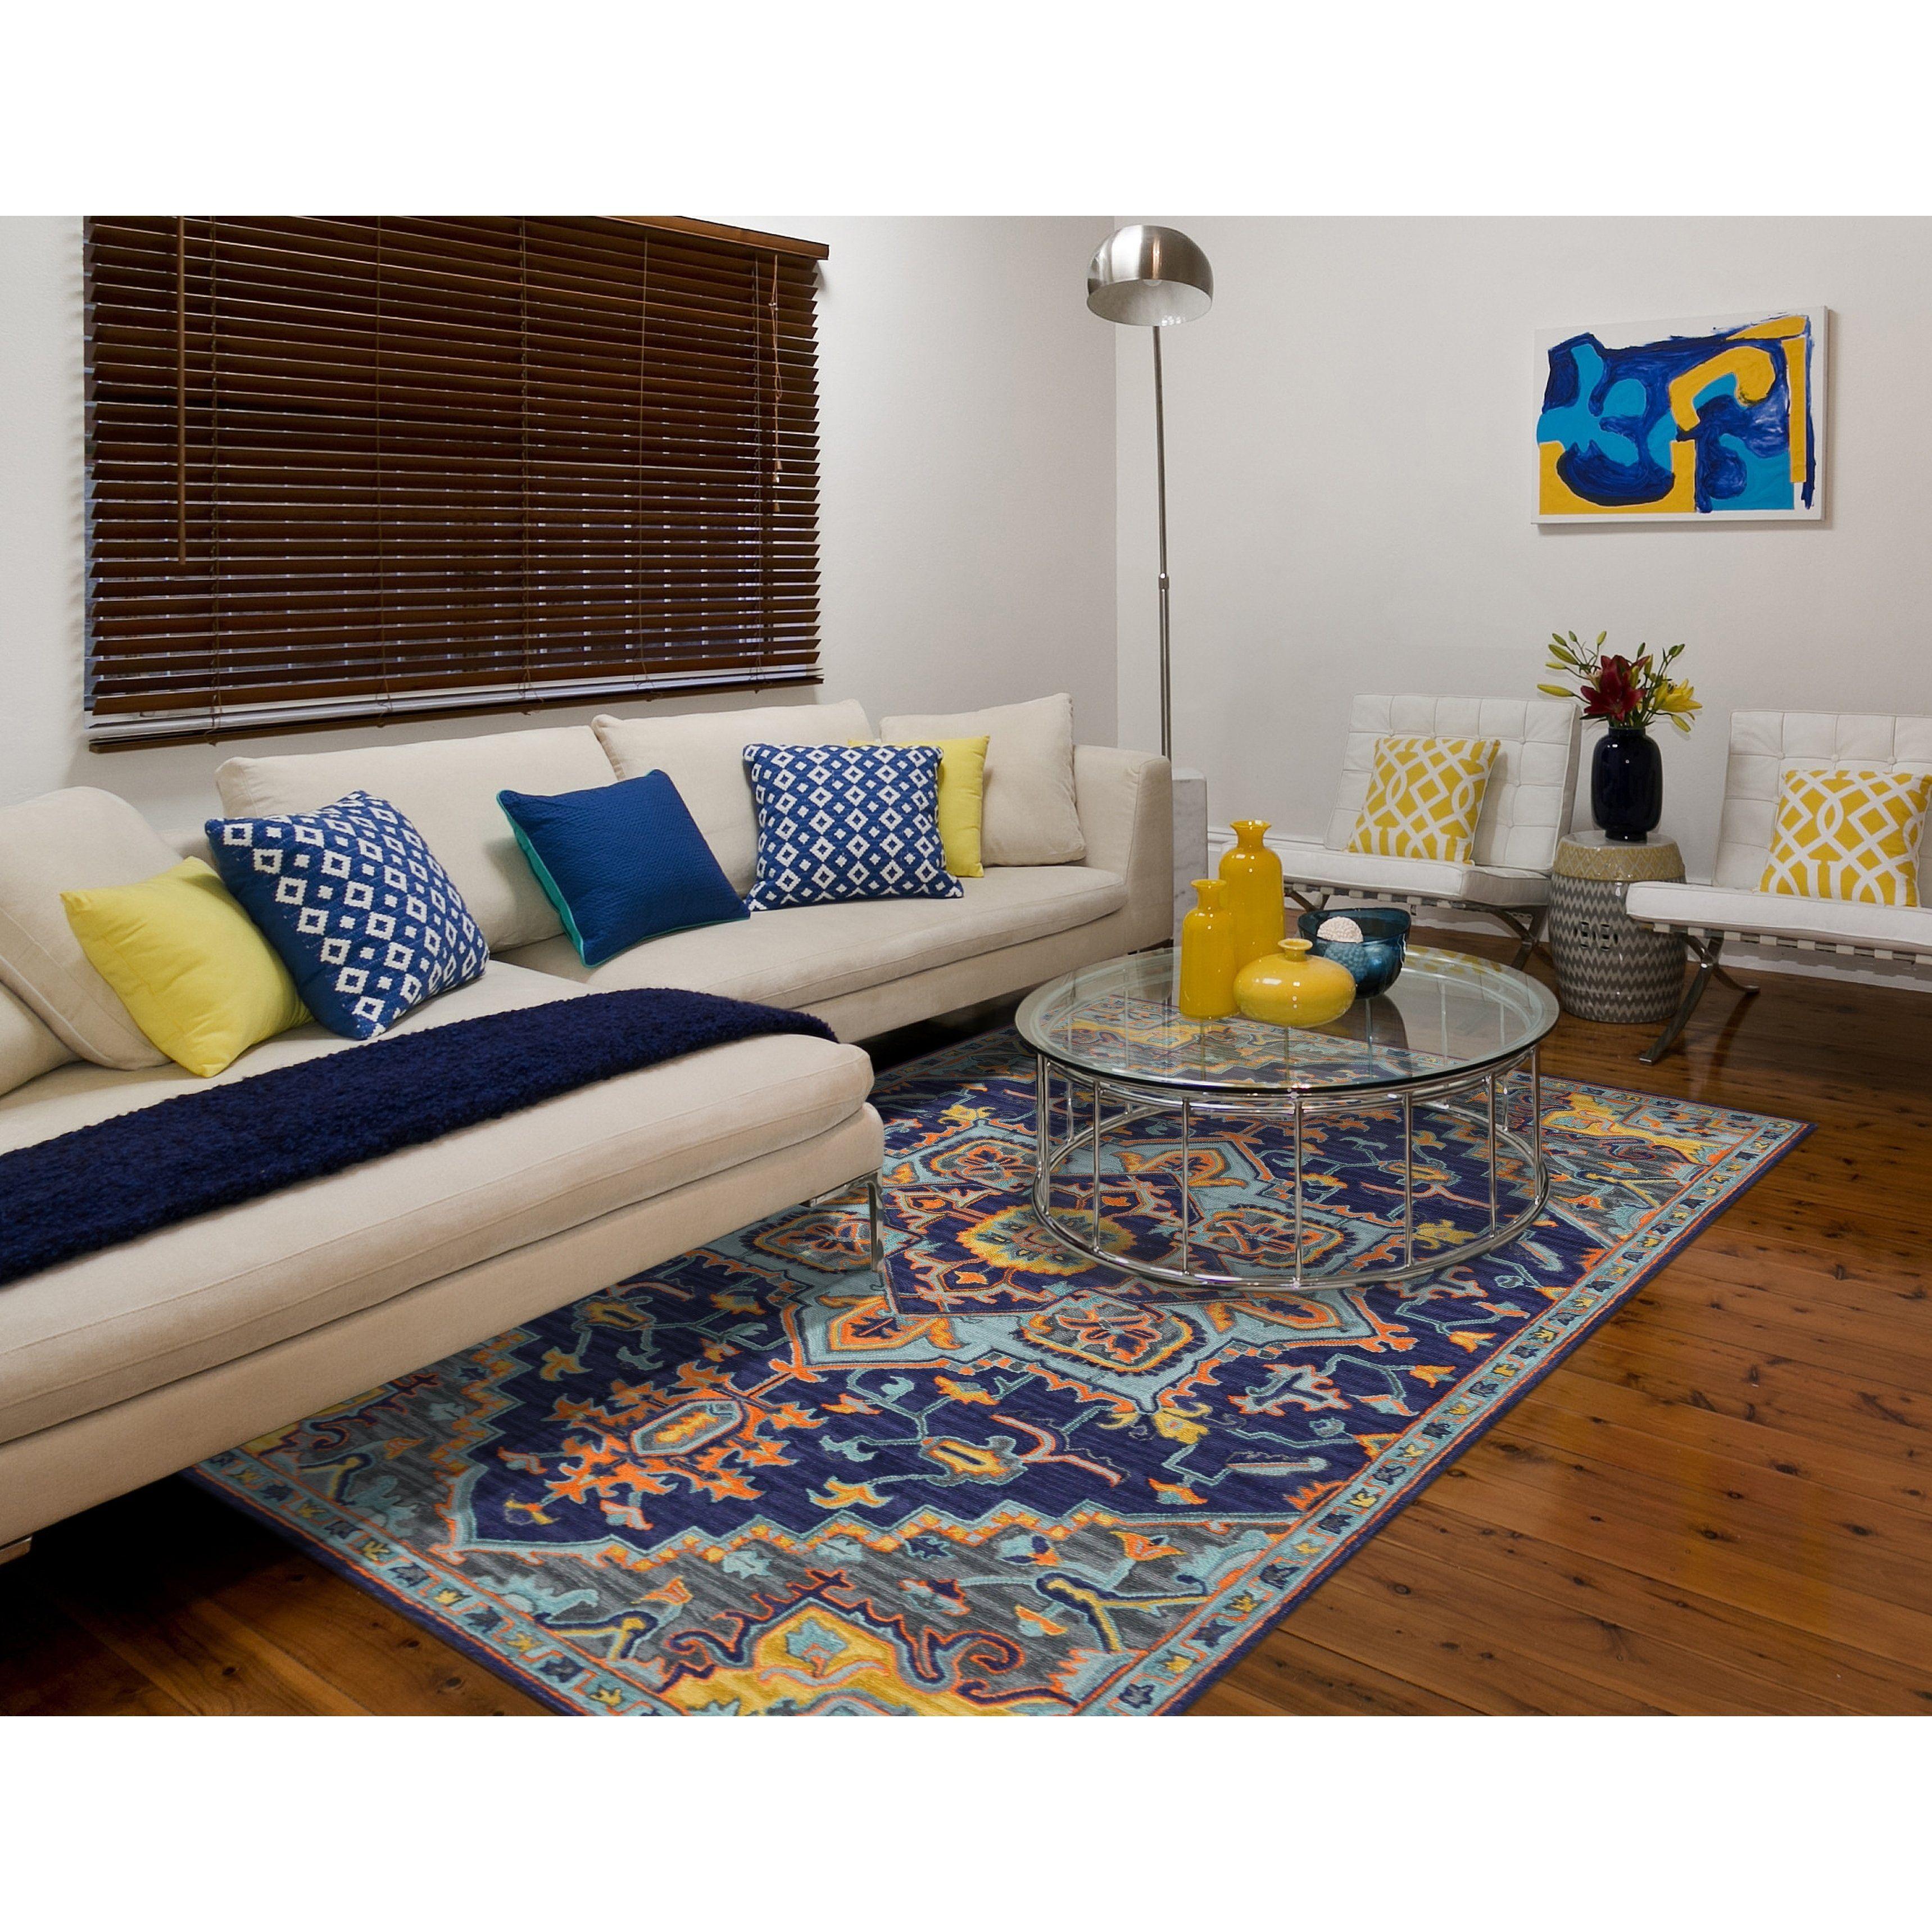 Calliope Bohemian Blue Violet Hand Tufted Area Rug 5 X 8 Navy 5 X 8 Purple Wool Medallion Elegant Living Room Orange Area Rug